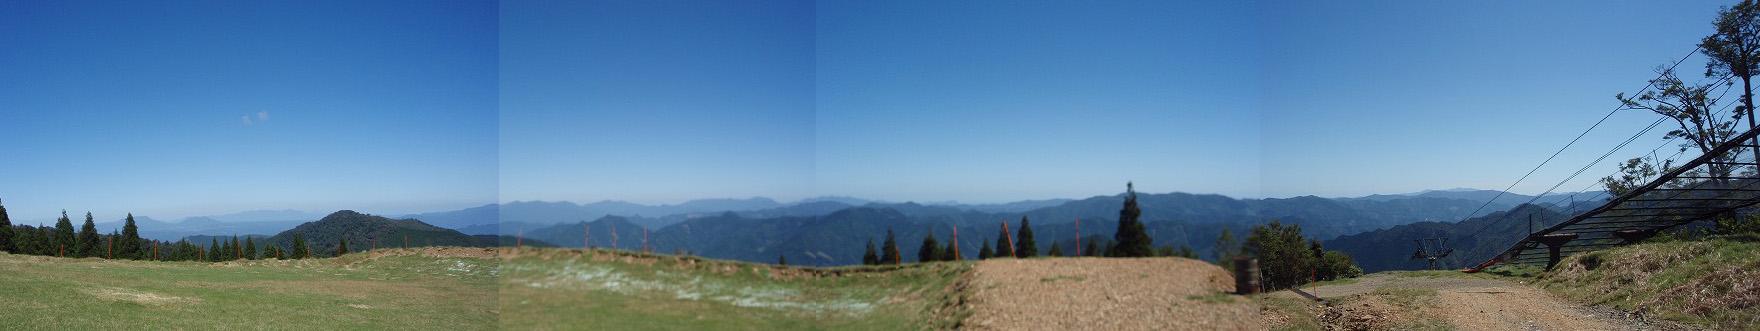 九州脊梁山脈トレイルランin五ヶ瀬スキー場パノラマ